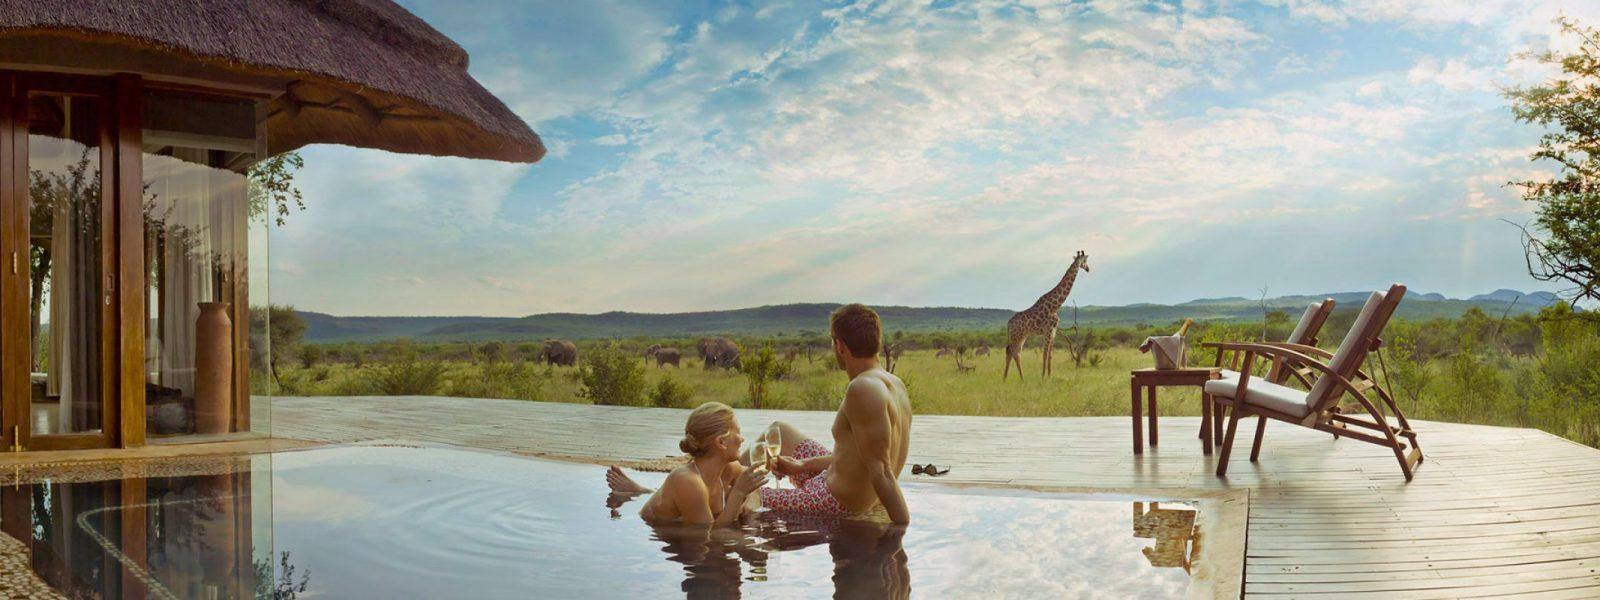 Honeymoon Safari in Tanzania